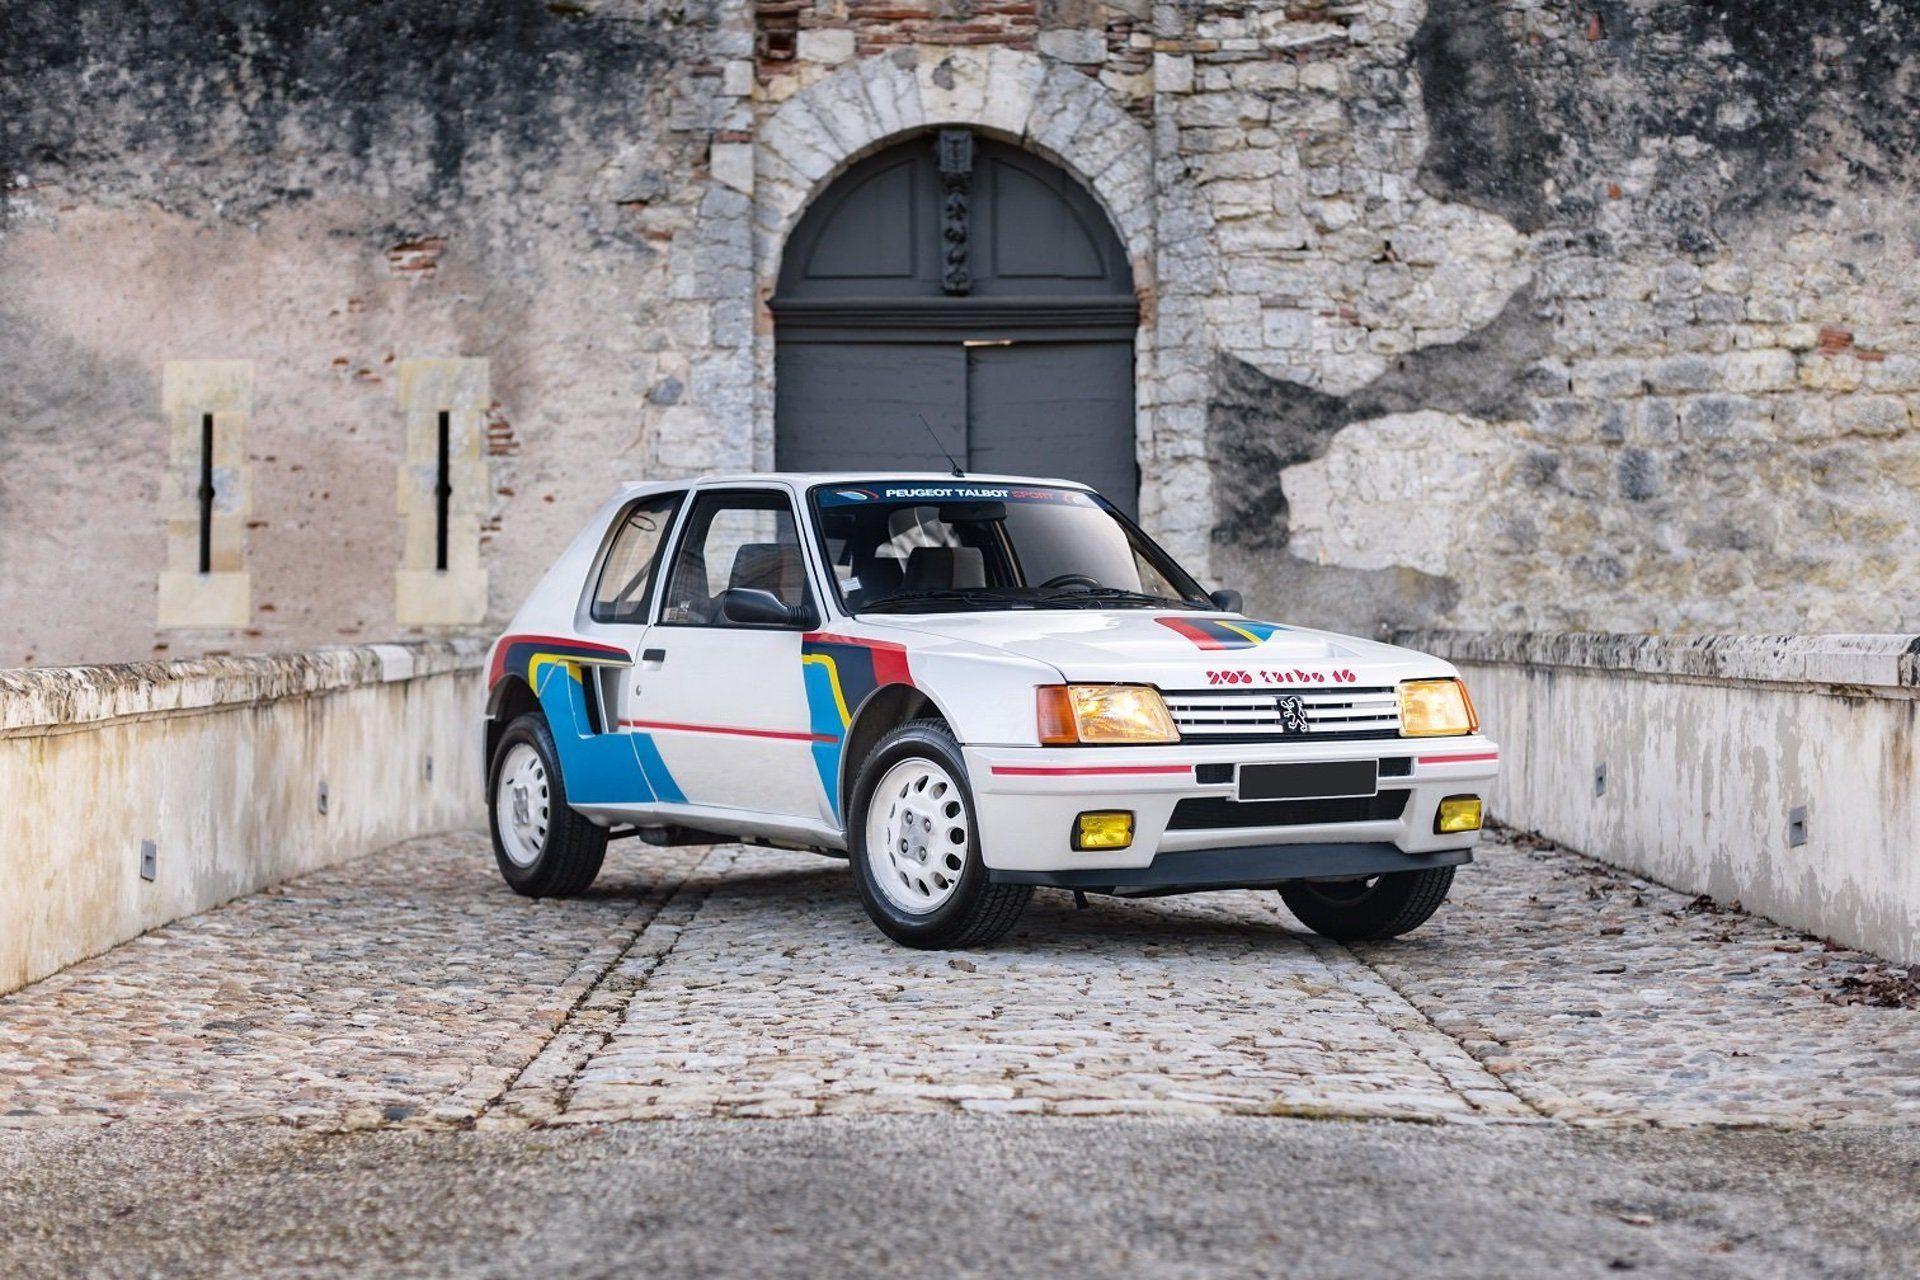 1985_Peugeot_205_T16_sale-0000